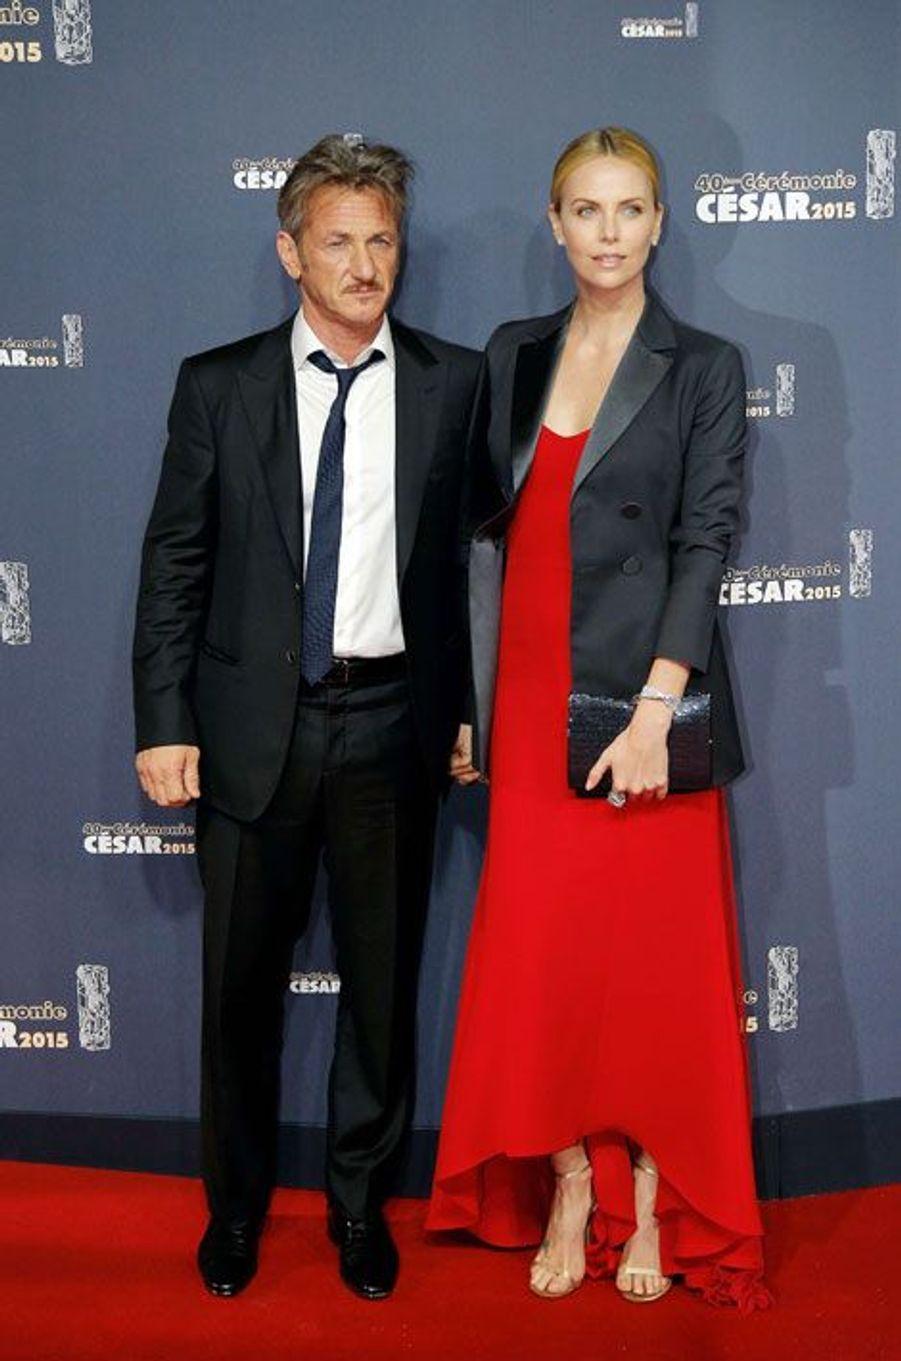 Sean Penn et Charlize Theron avec des bijoux Cartier lors de la cérémonie des César à Paris, le 20 février 2015